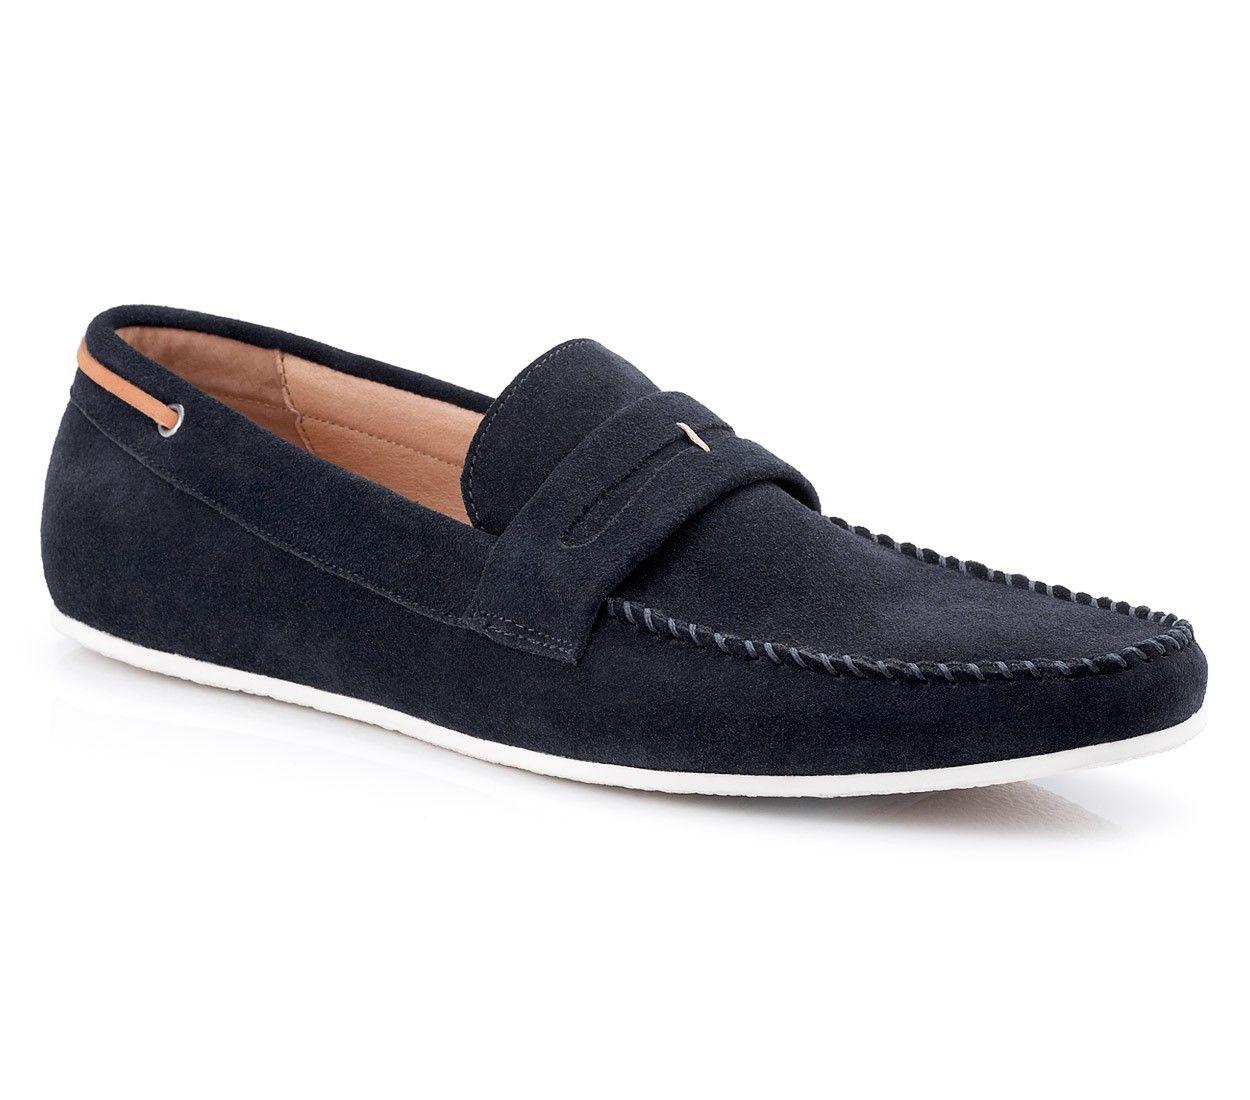 2d154a79bc68 Tobias Navy - Aquila Mens Shoes Online